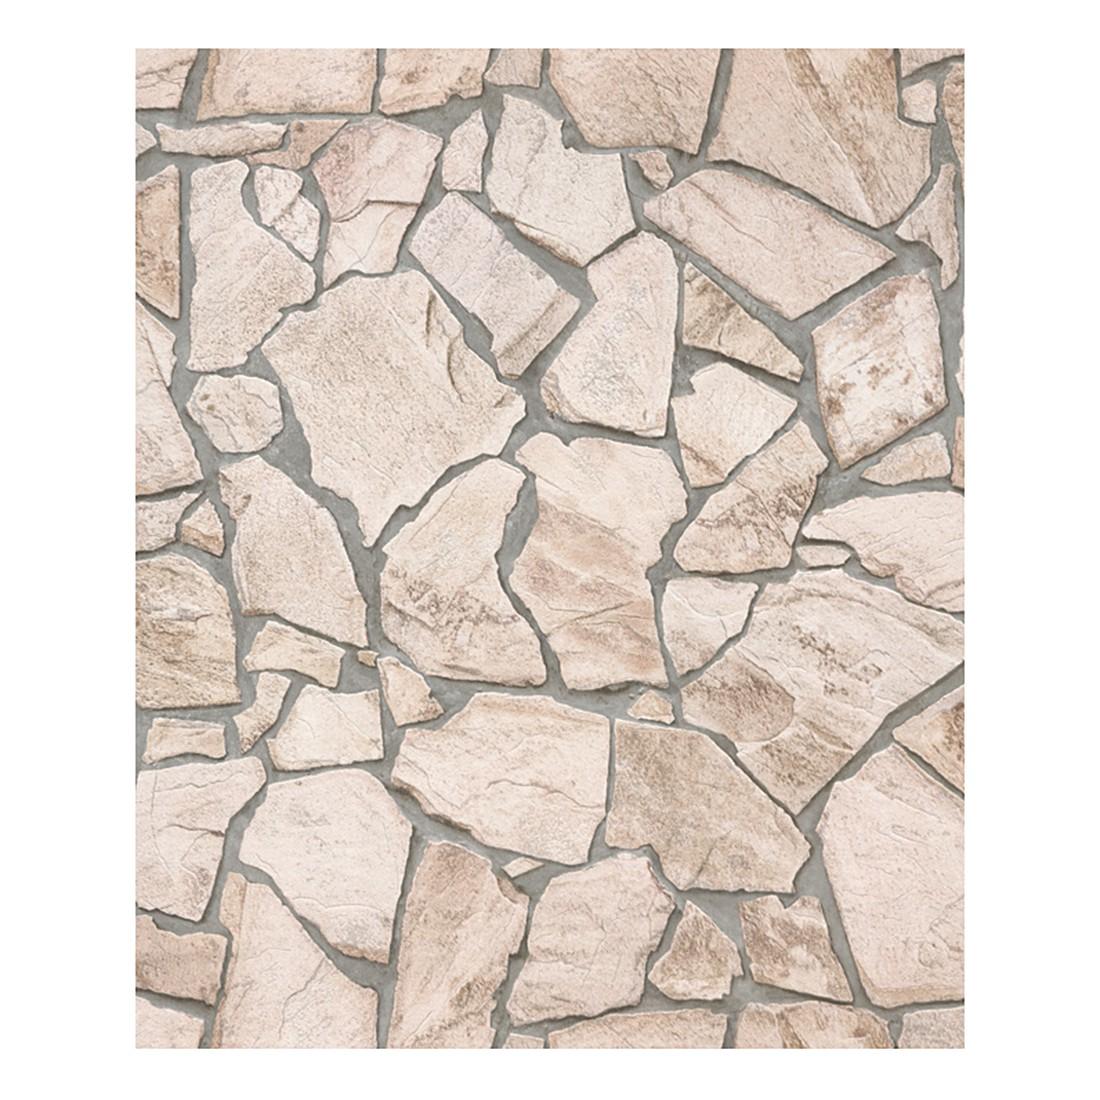 Tapete Wood and Stone – beige, braun, grau – glatt, fein strukturiert, Home24Deko günstig bestellen